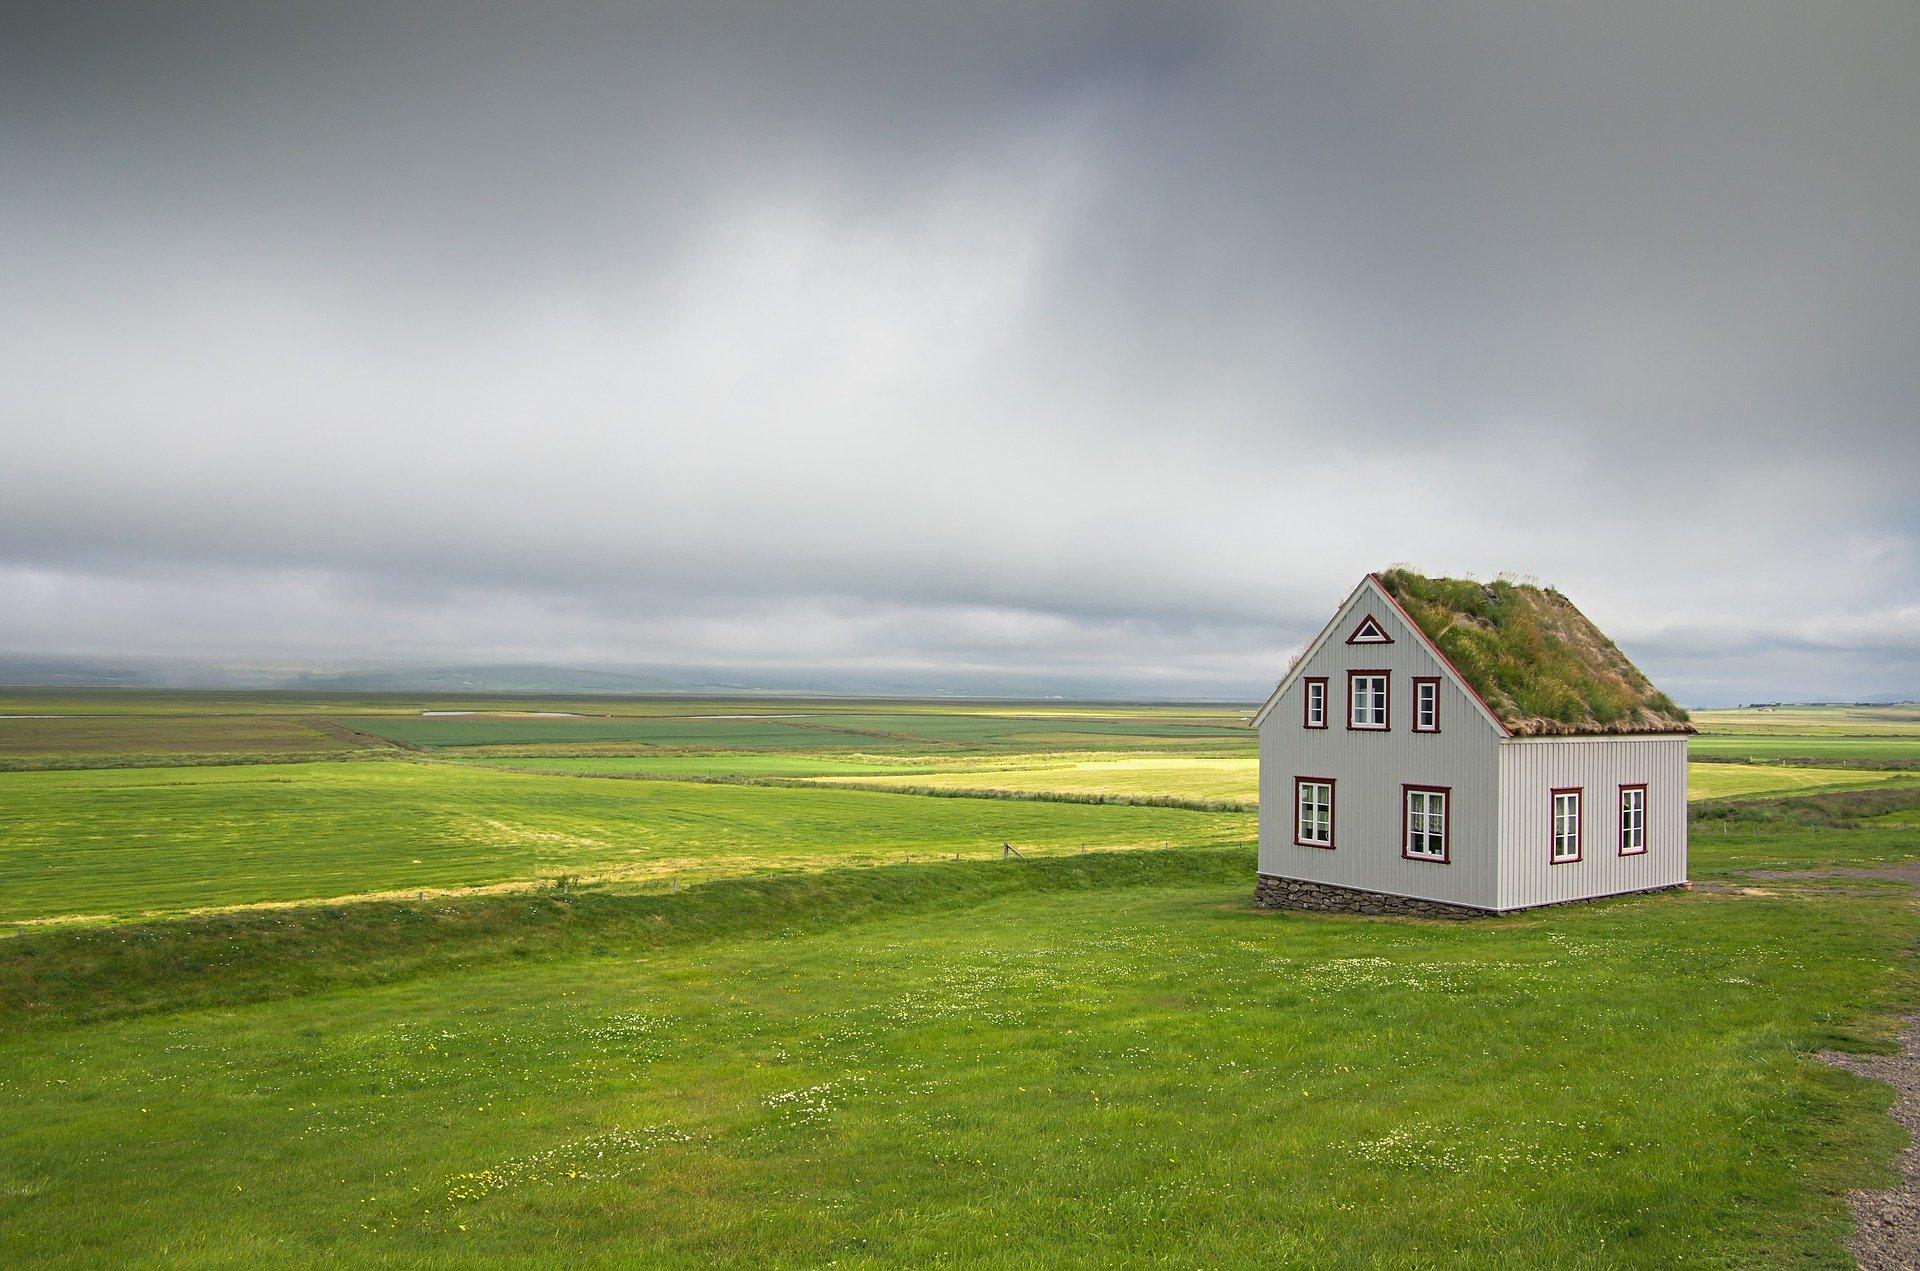 Casa cu acoperis din tigla metalica, amplasata pe un camp